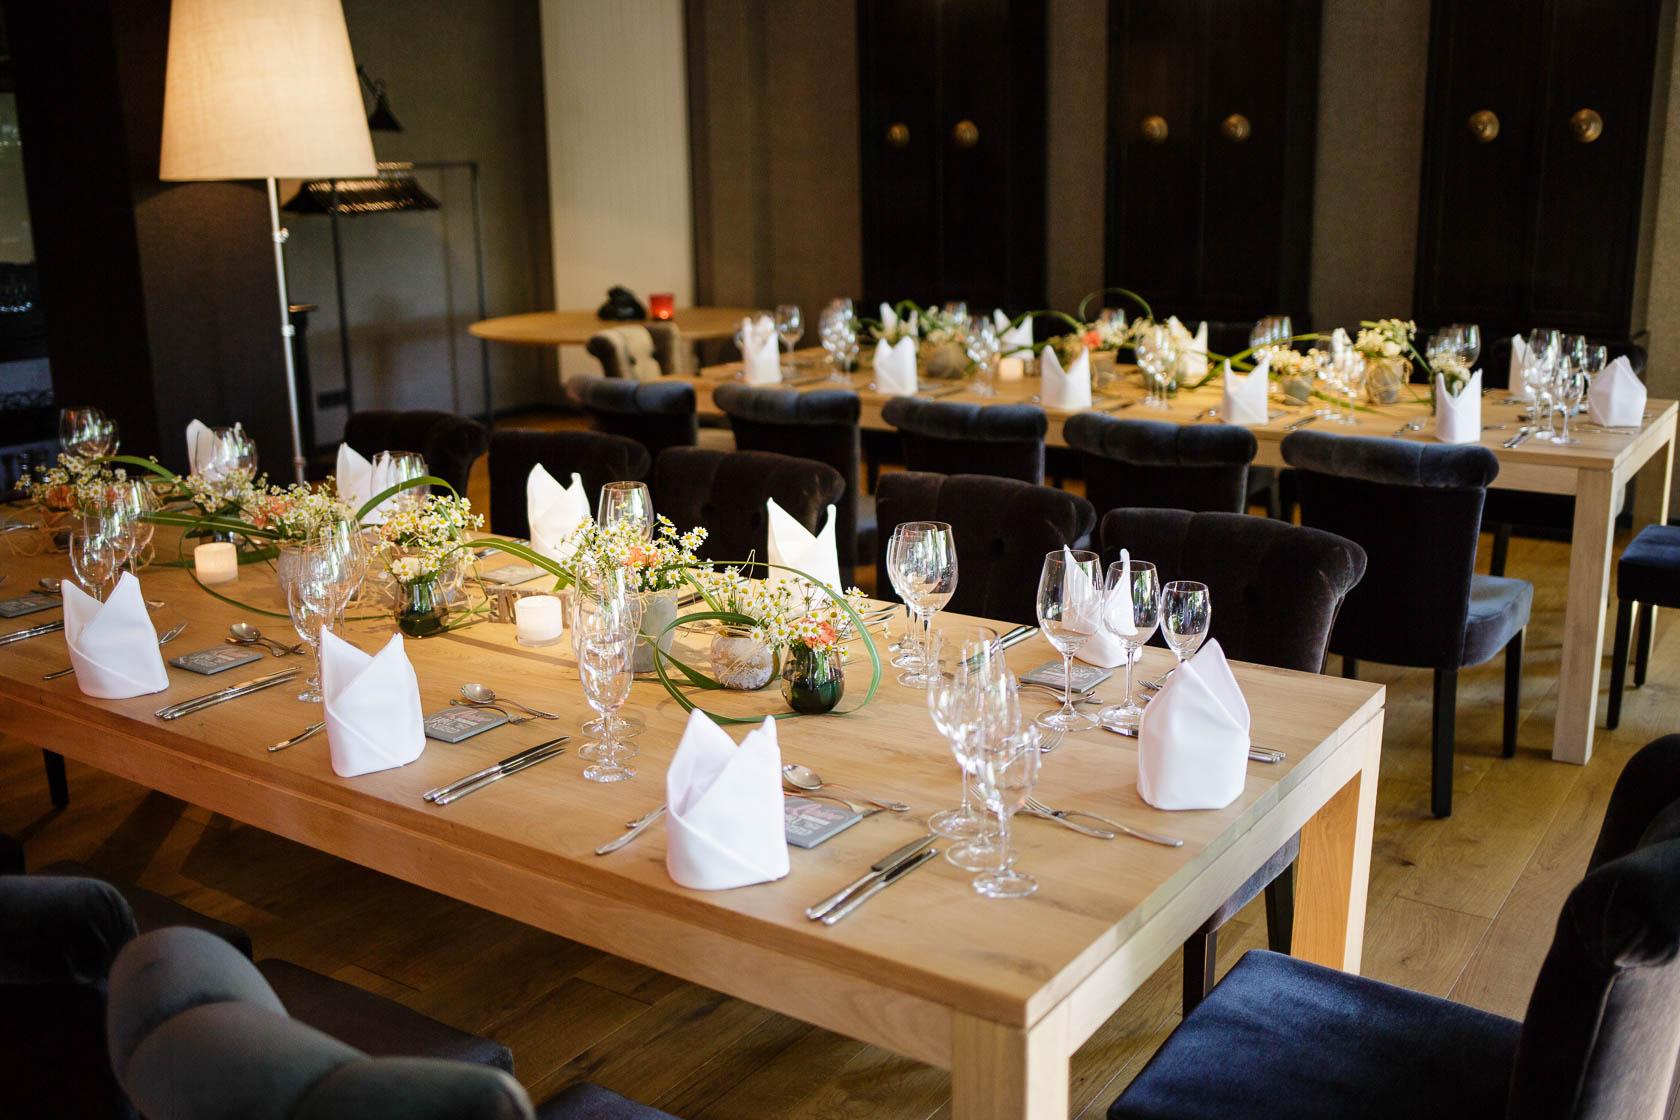 Standesamtliche Trauung von Fabienne und Manuel in Wiesloch Hotel Mondial in Wiesloch Tischdekoration